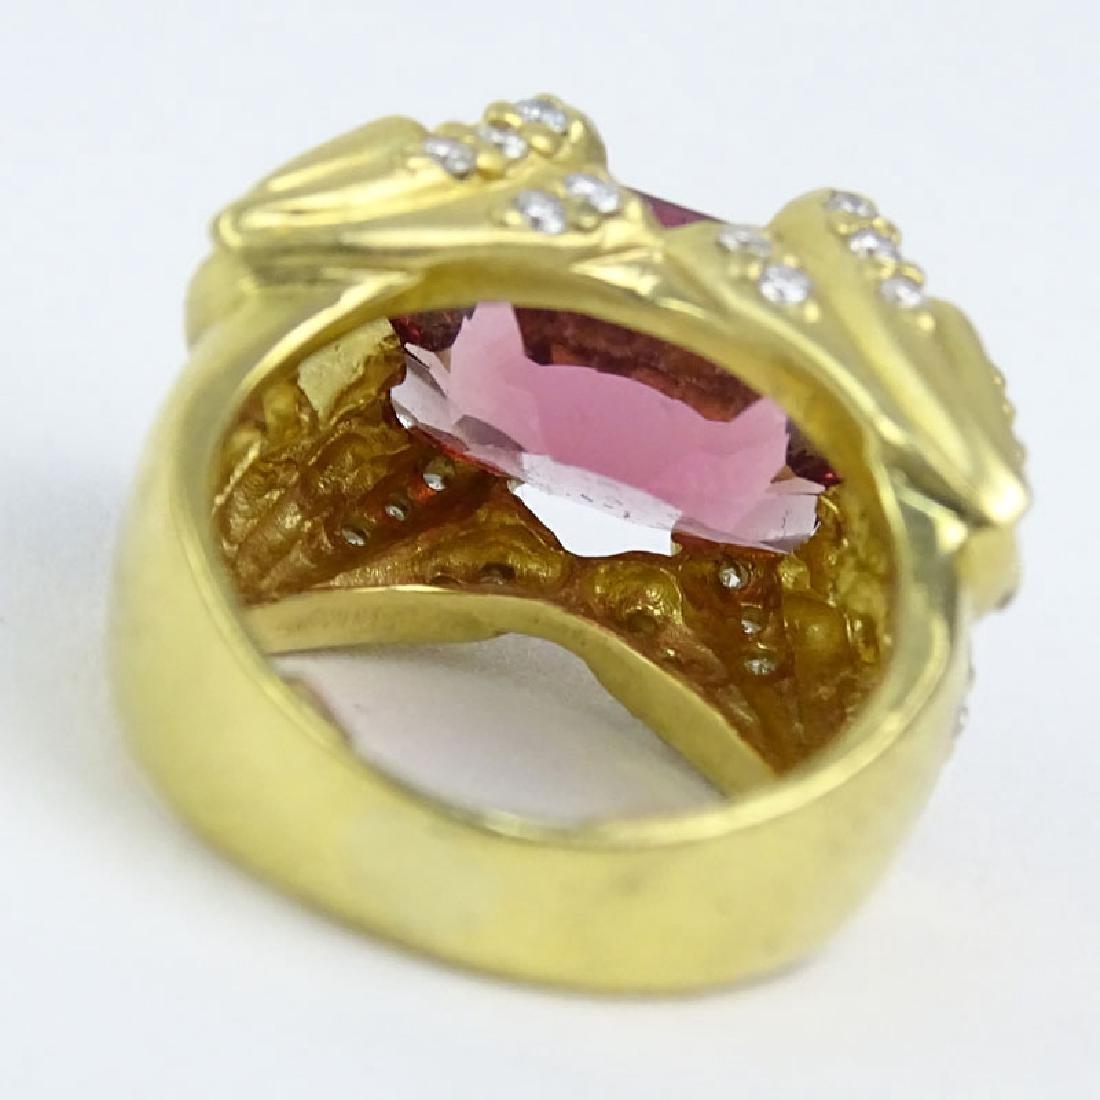 Oval Cut Salmon Pink Tourmaline, Diamond and 14 Karat - 2